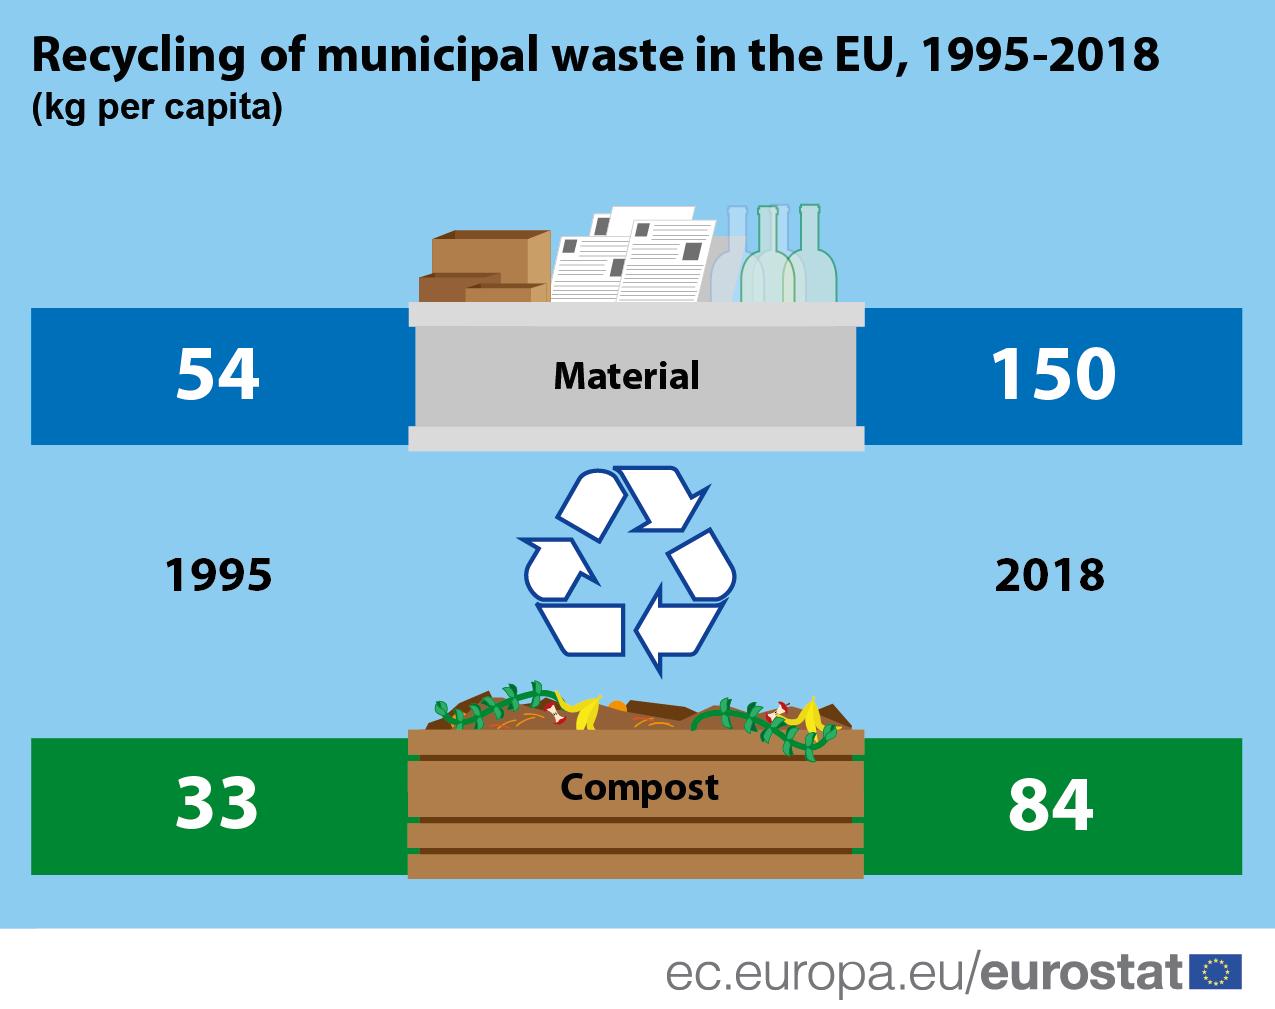 https://ec.europa.eu/eurostat/documents/4187653/10321591/recycling.png